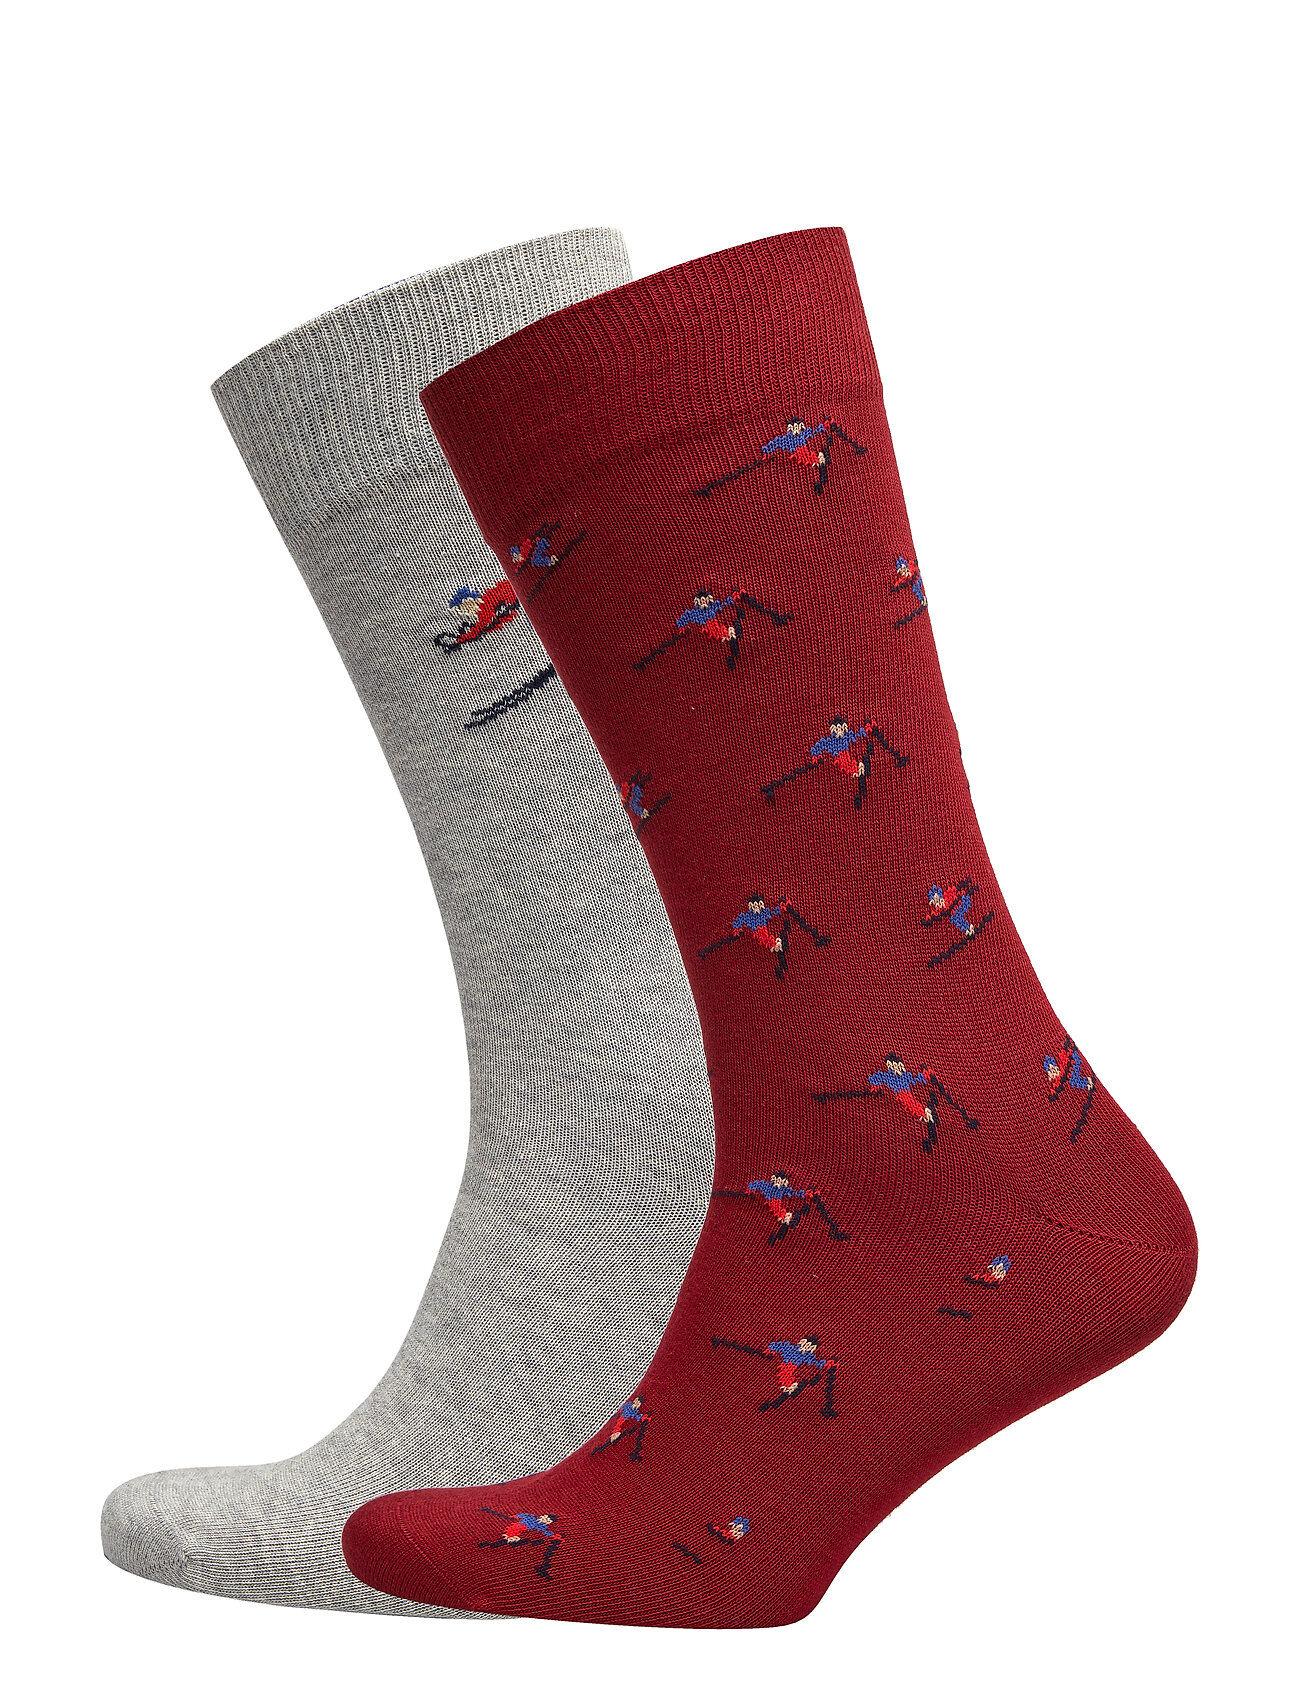 GANT O1. 2-Pack Apres Ski Gift Box Underwear Socks Regular Socks Punainen GANT